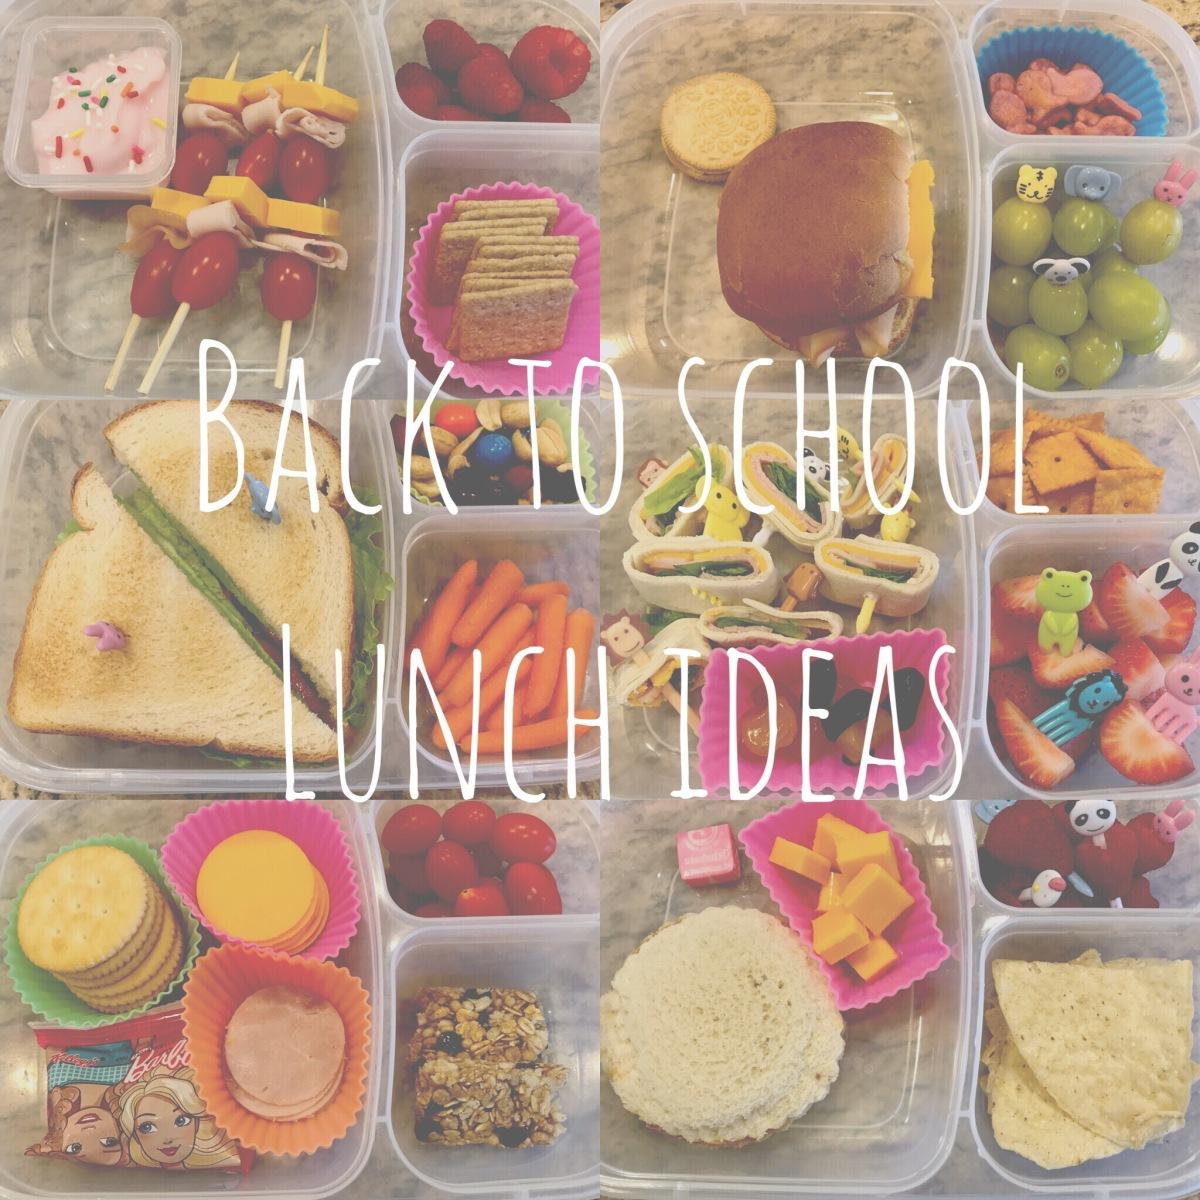 EAT | Back to School LunchIdeas